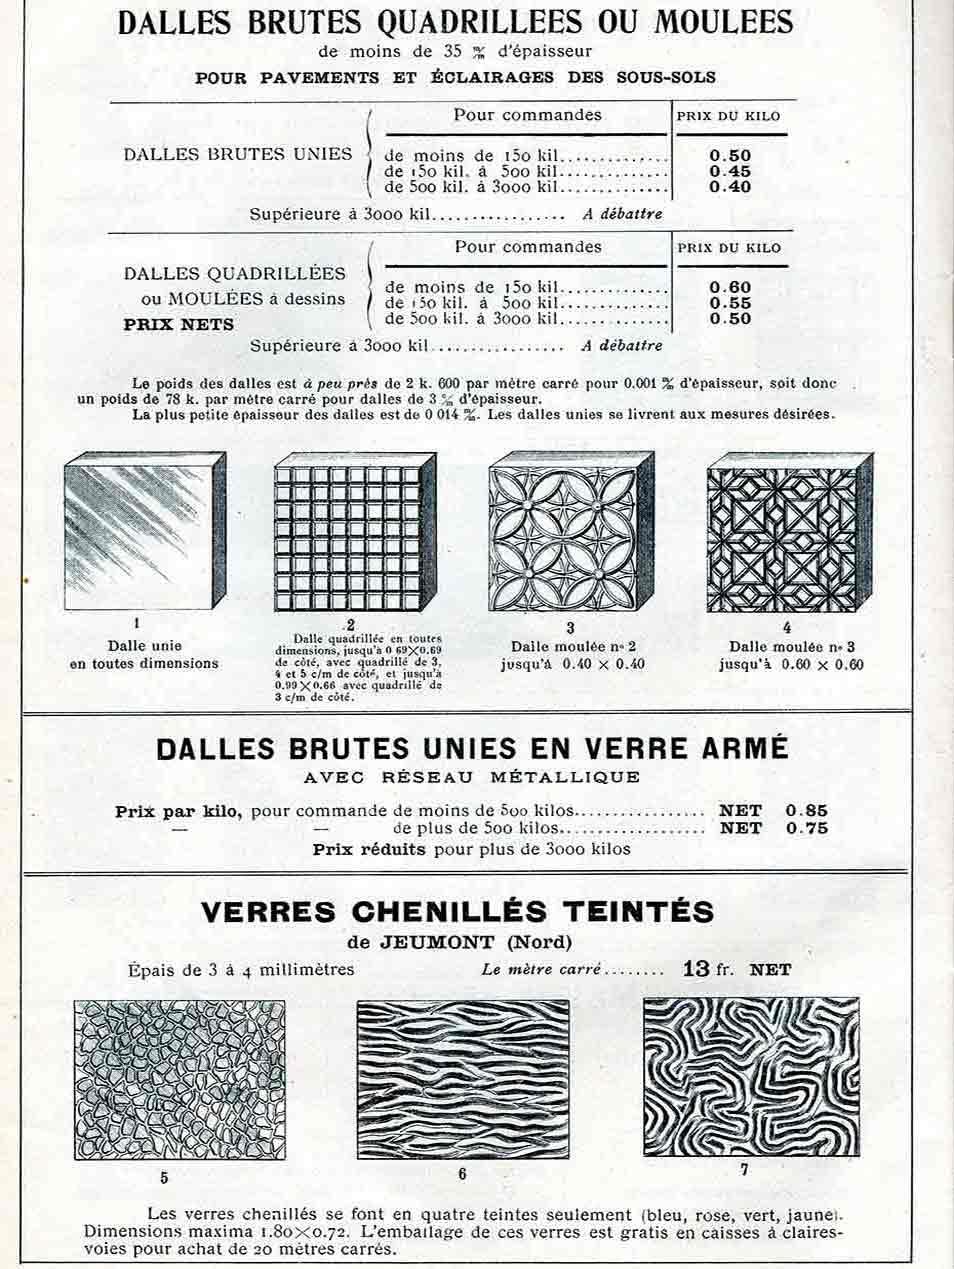 tarif verre en dalle brute 1908